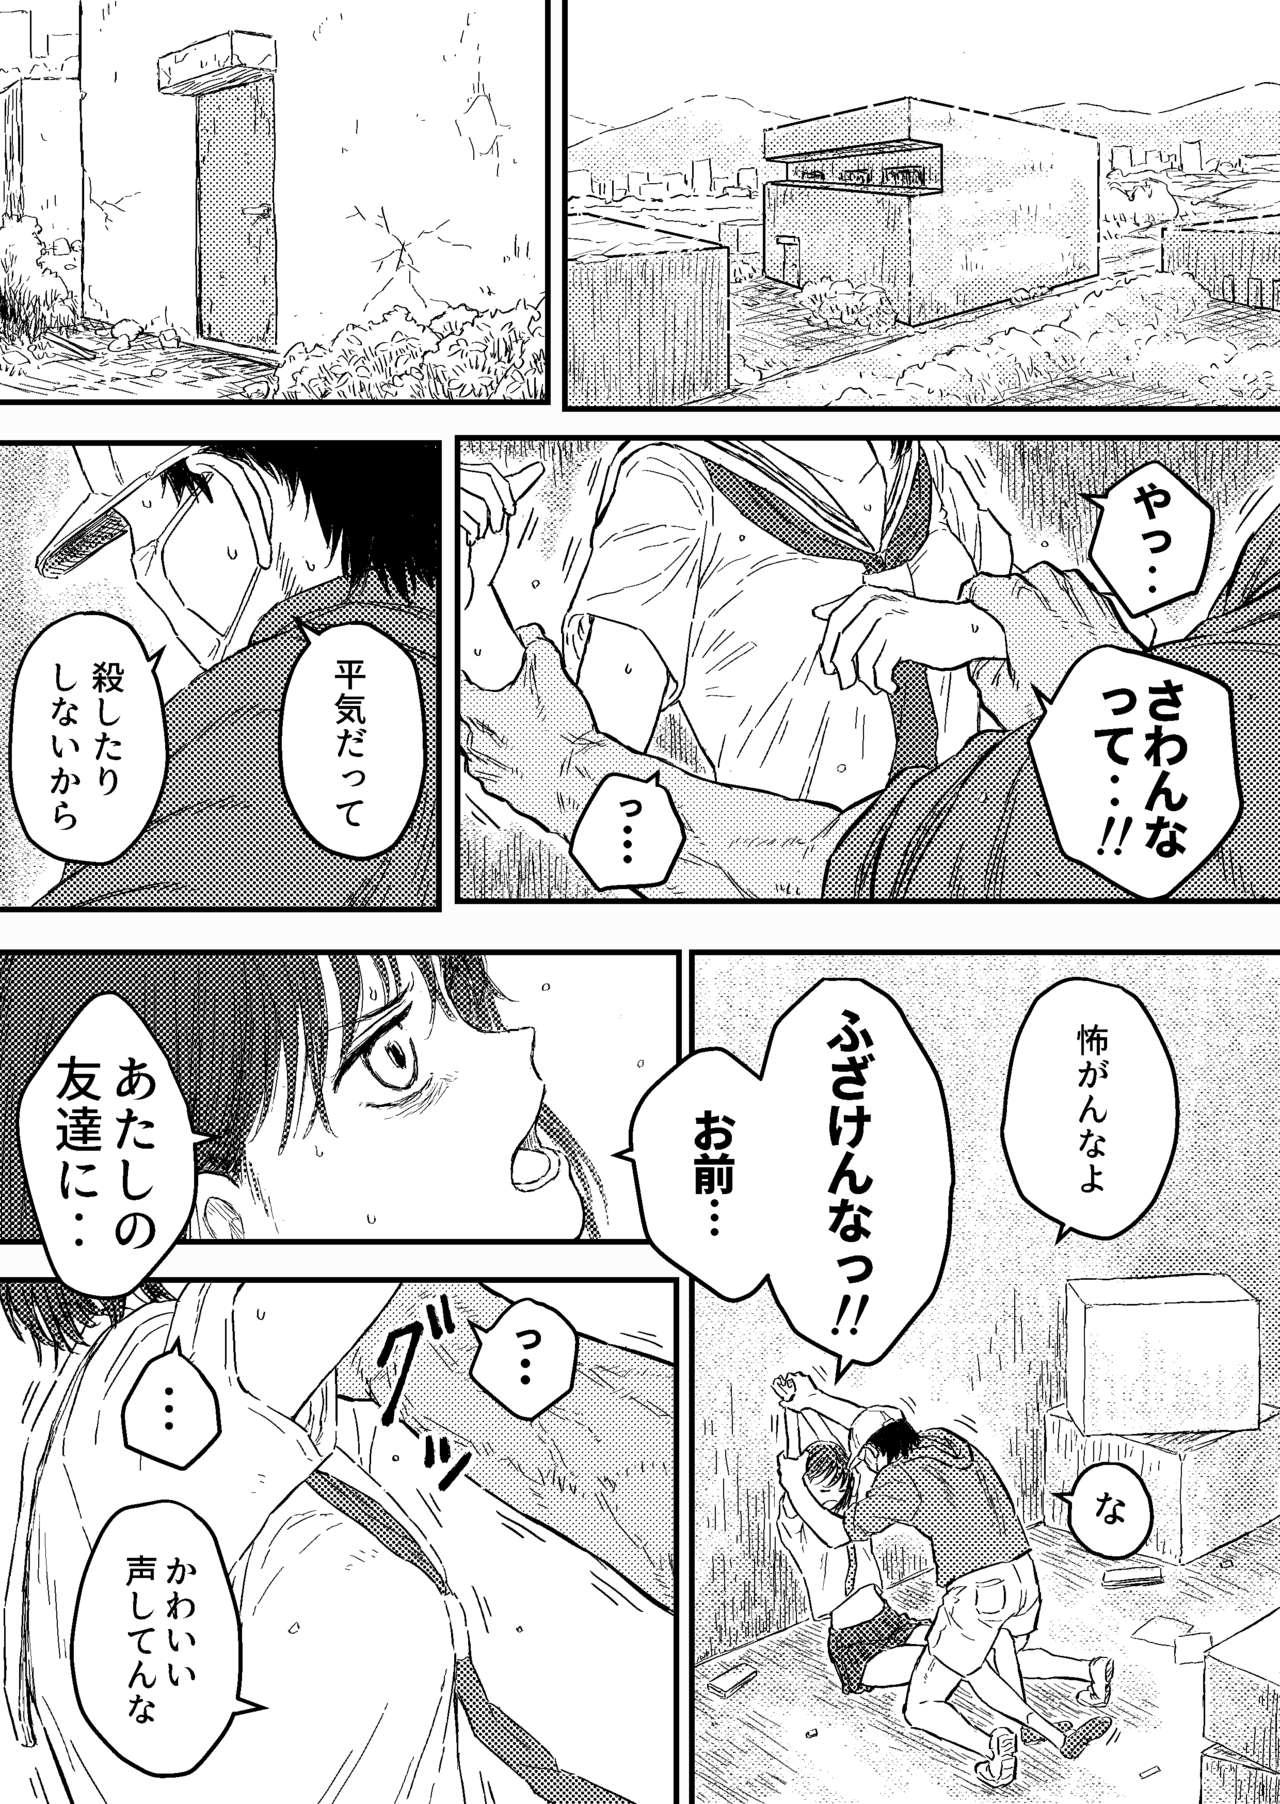 Houkago no Strangler 6